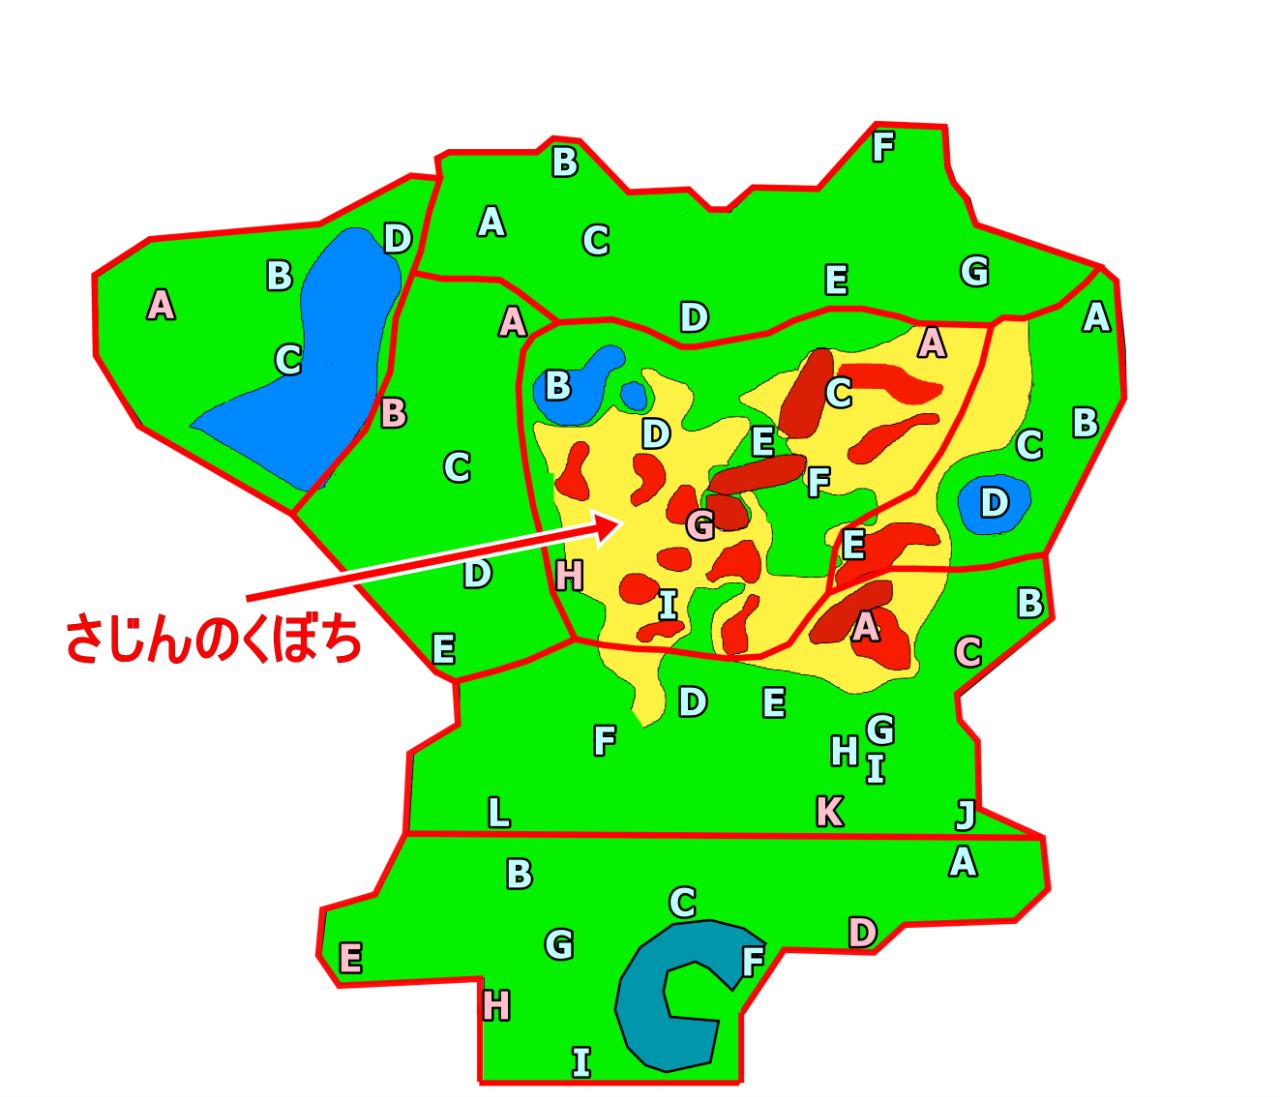 盾 エリア 剣 穴 巣 ワイルド ポケモン